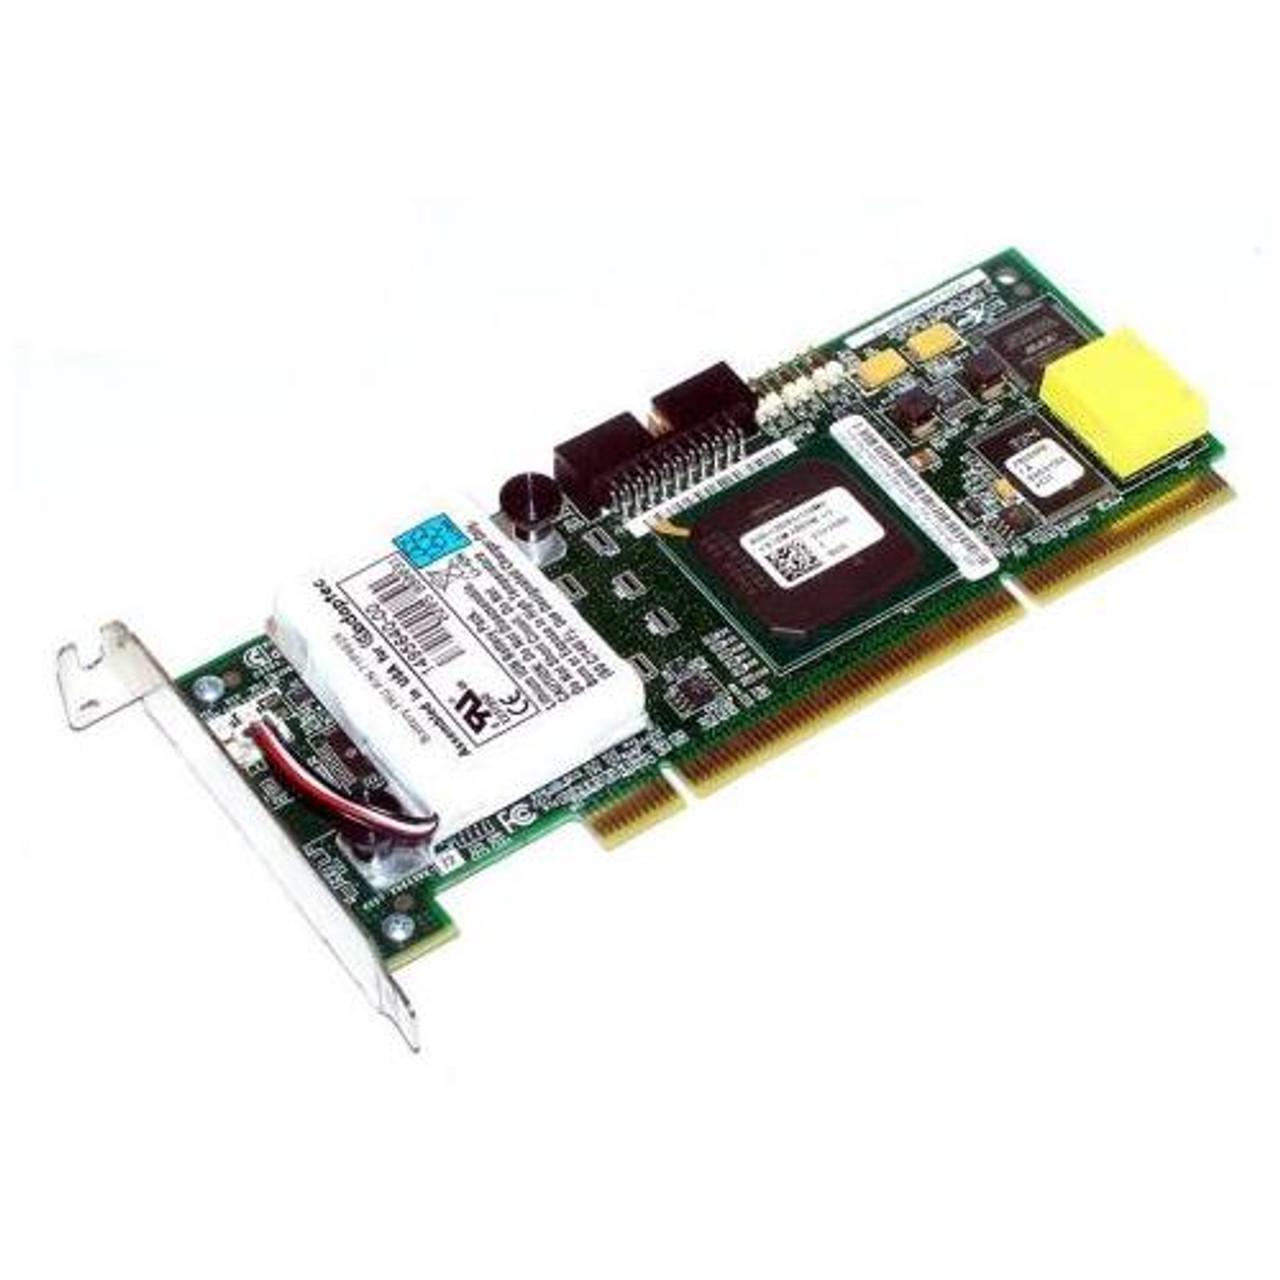 IBM 71P8627 Serveraid 6i Controller